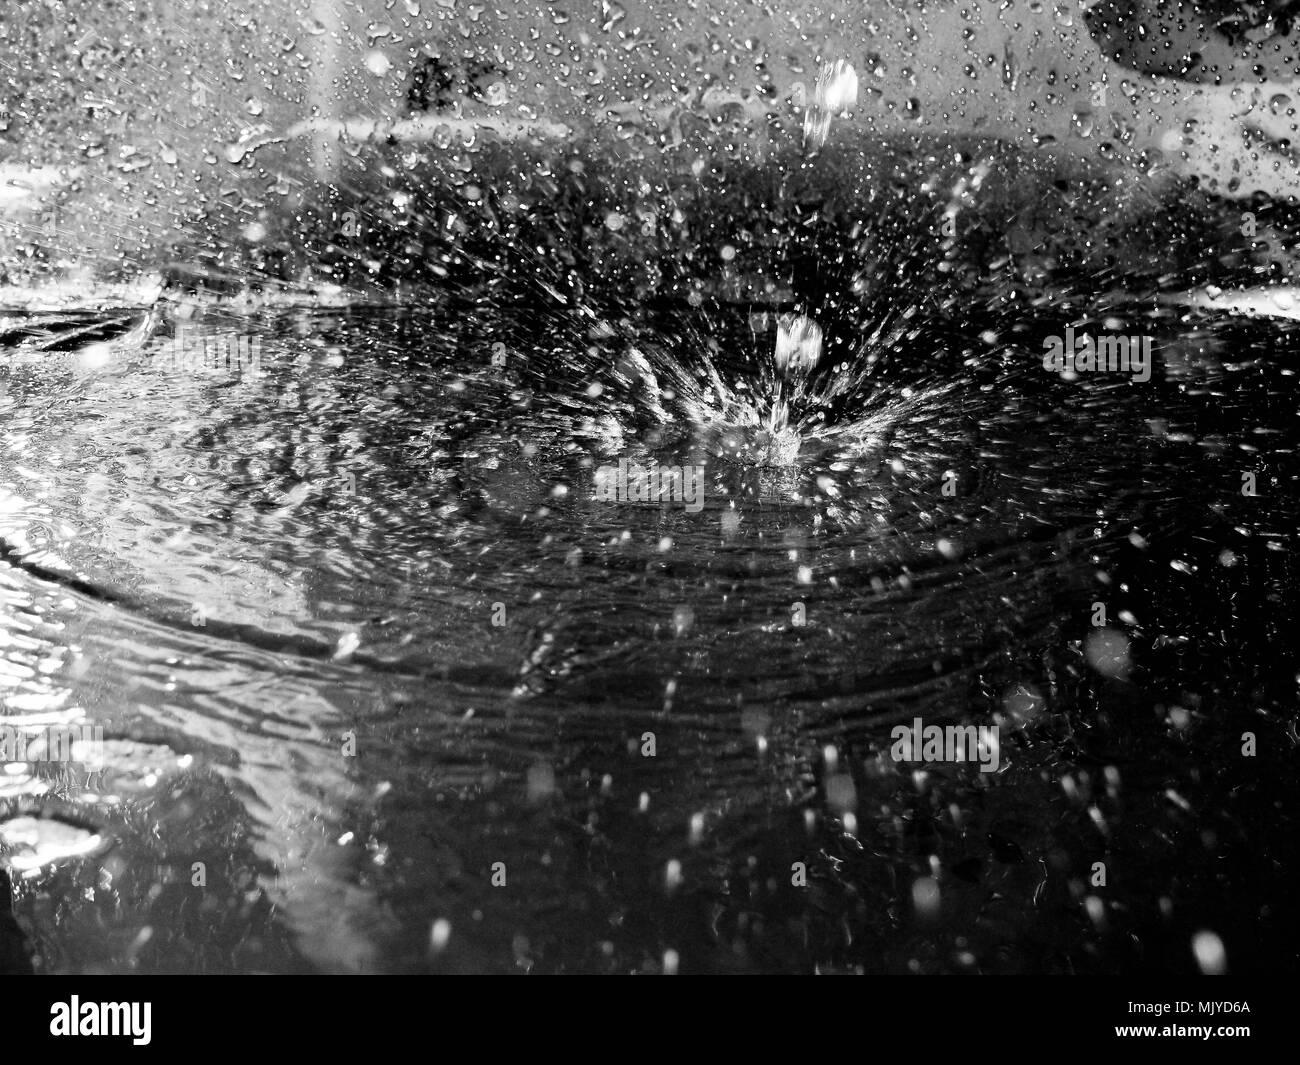 142ec9144ec8 squirt a drop of water